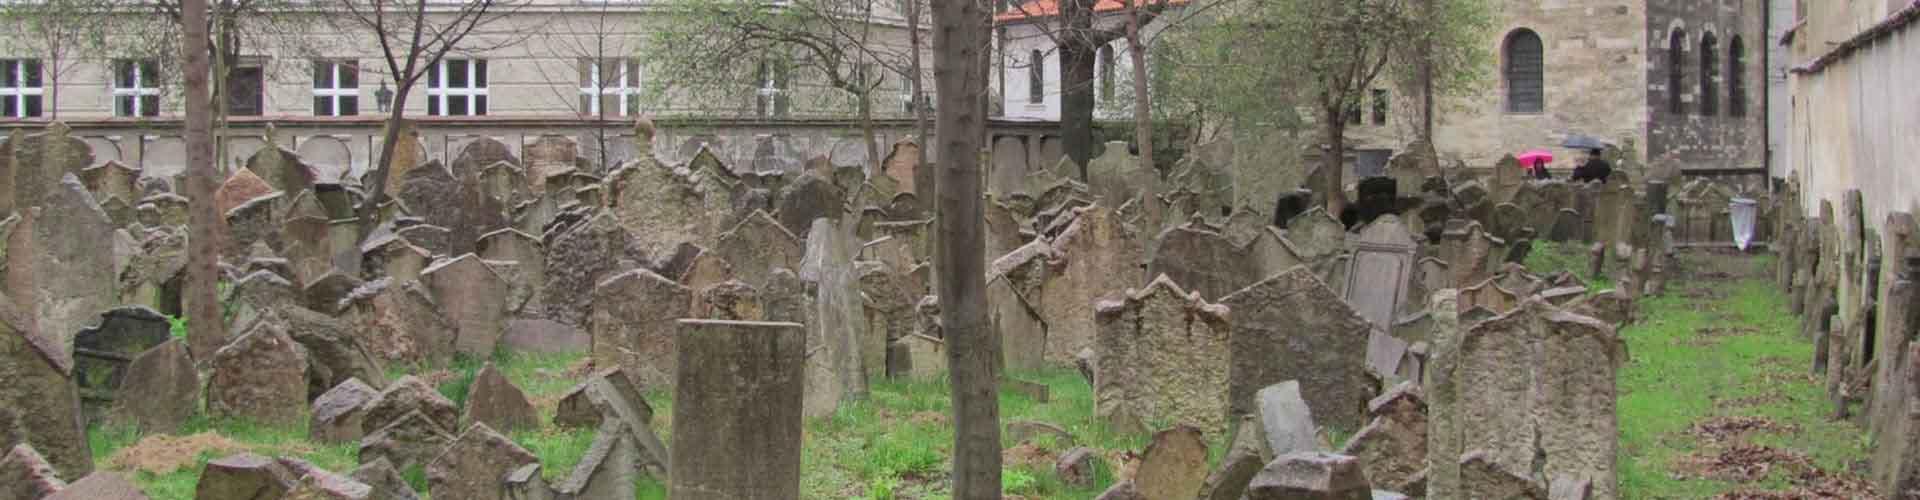 Prague - Auberges de jeunesse près de Ancien cimetière juif. Cartes pour Prague, photos et commentaires pour chaque auberge de jeunesse à Prague.